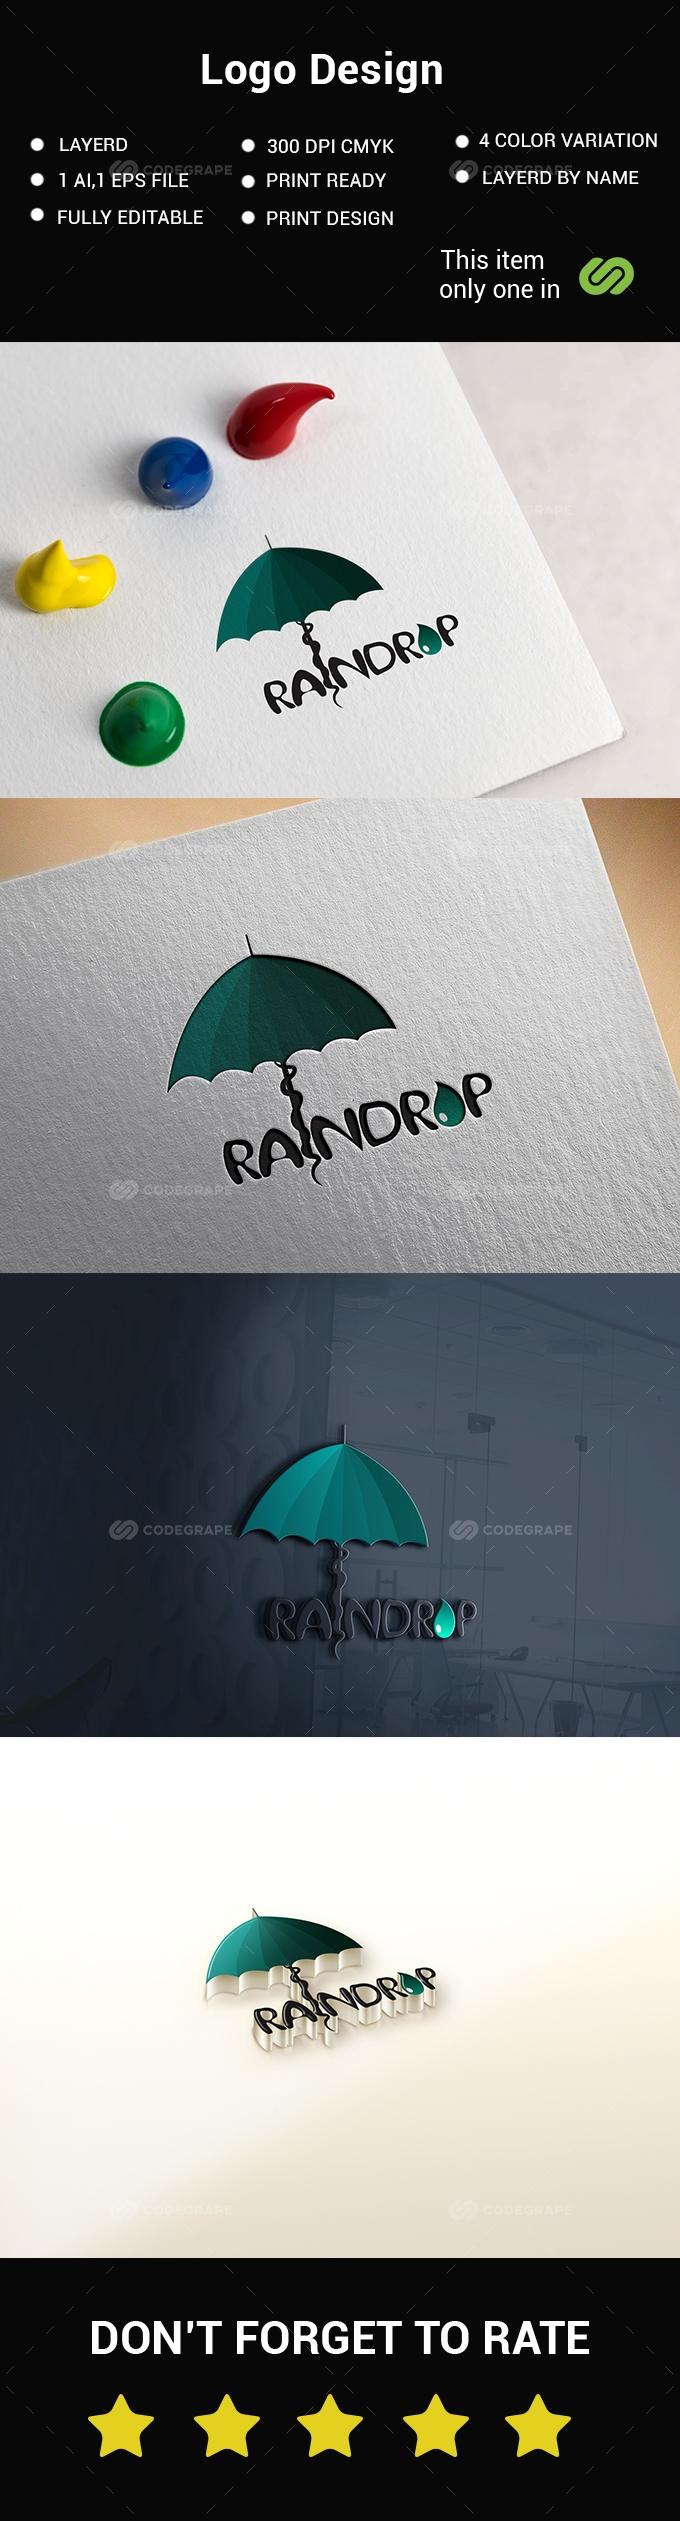 Rain/Umbrella Logo Design